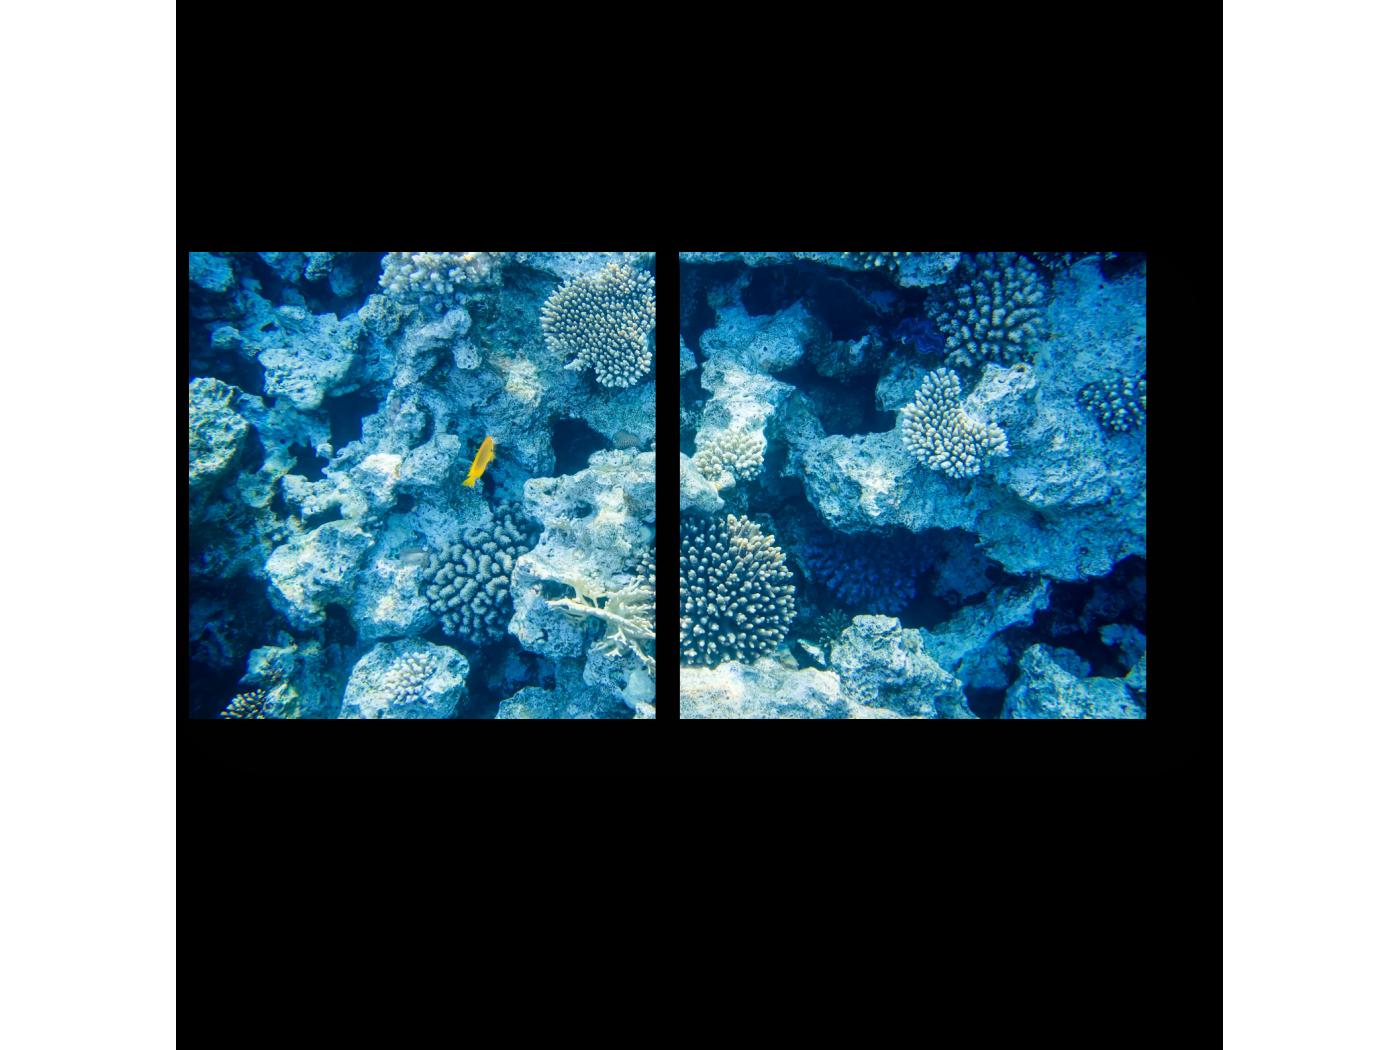 Модульная картина Коралловые рифы (40x20) фото